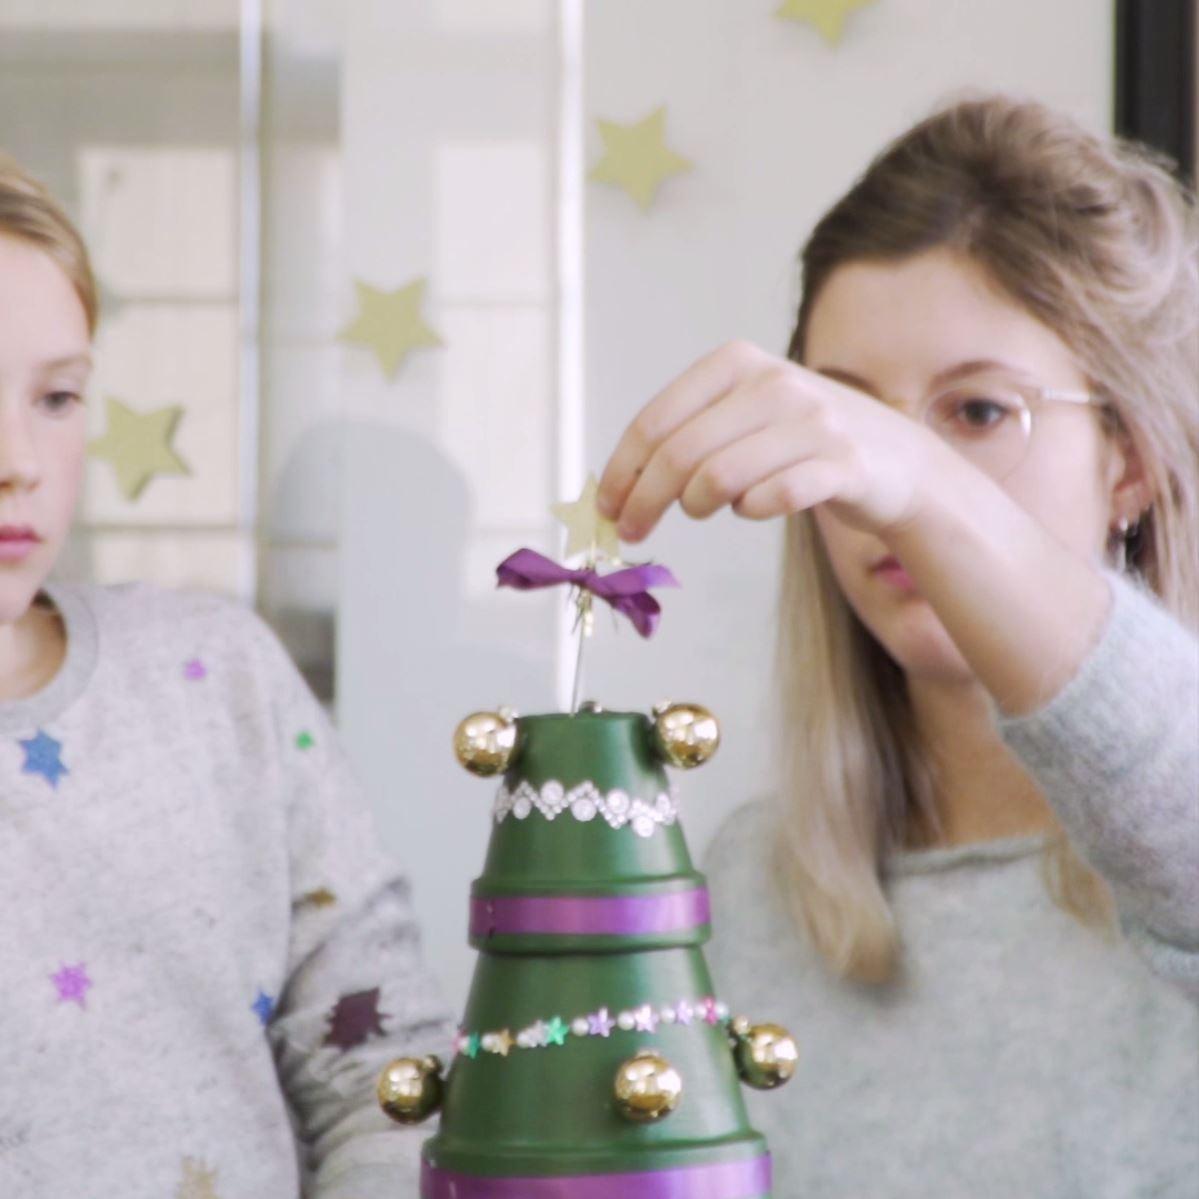 DIY Kerstboom van bloempotten stap 4: De piek